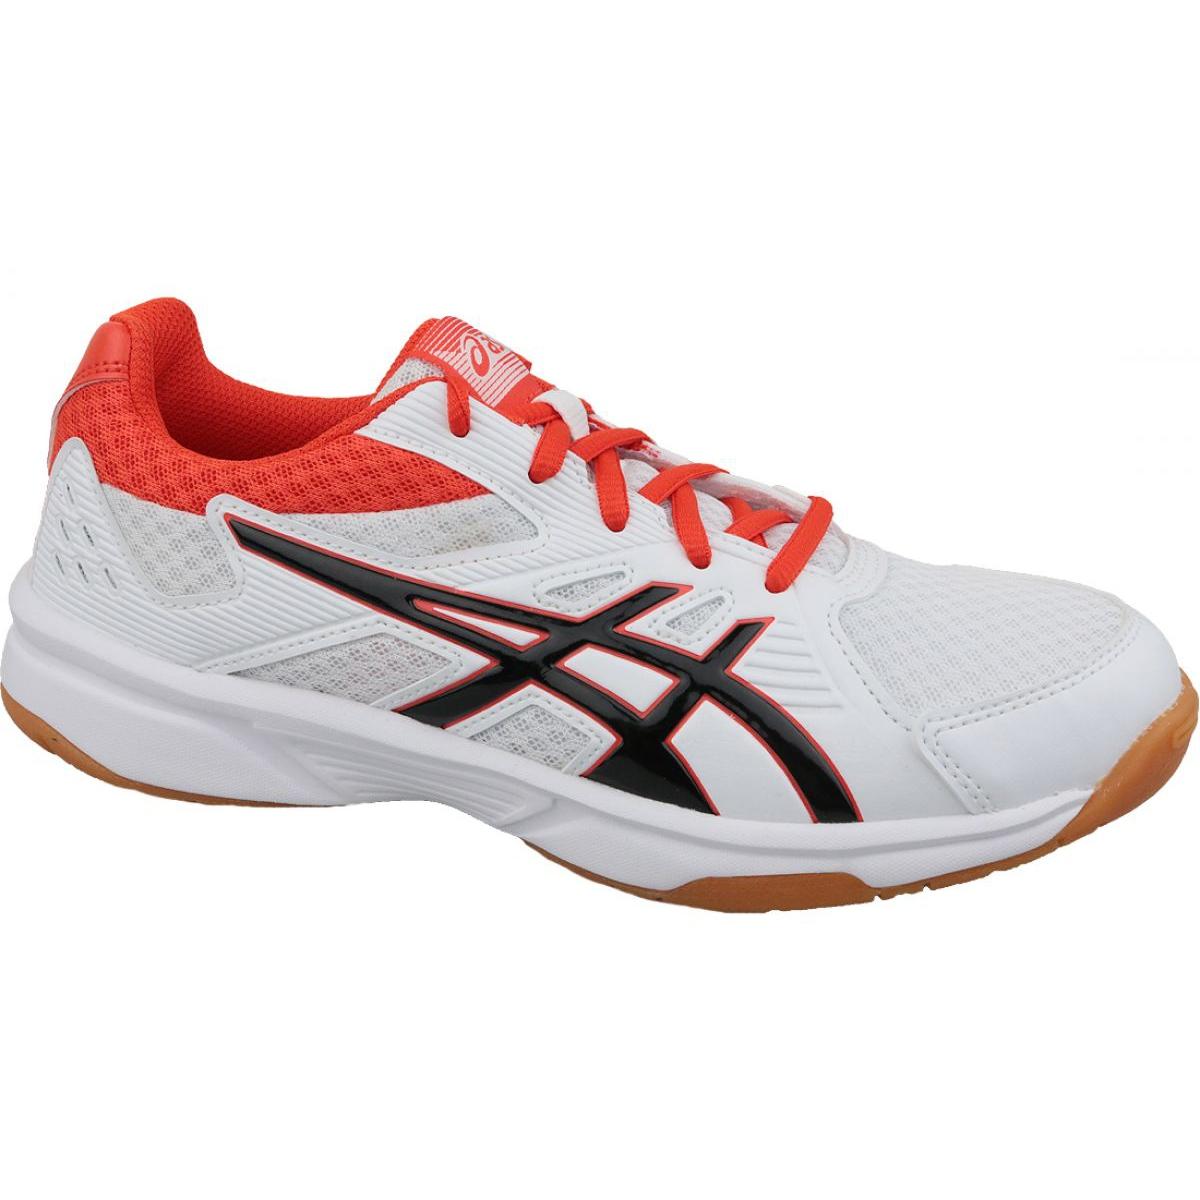 Detalles de Zapatillas de voleibol Asics Upcourt 3 M 1071A019 103 blanco blanco